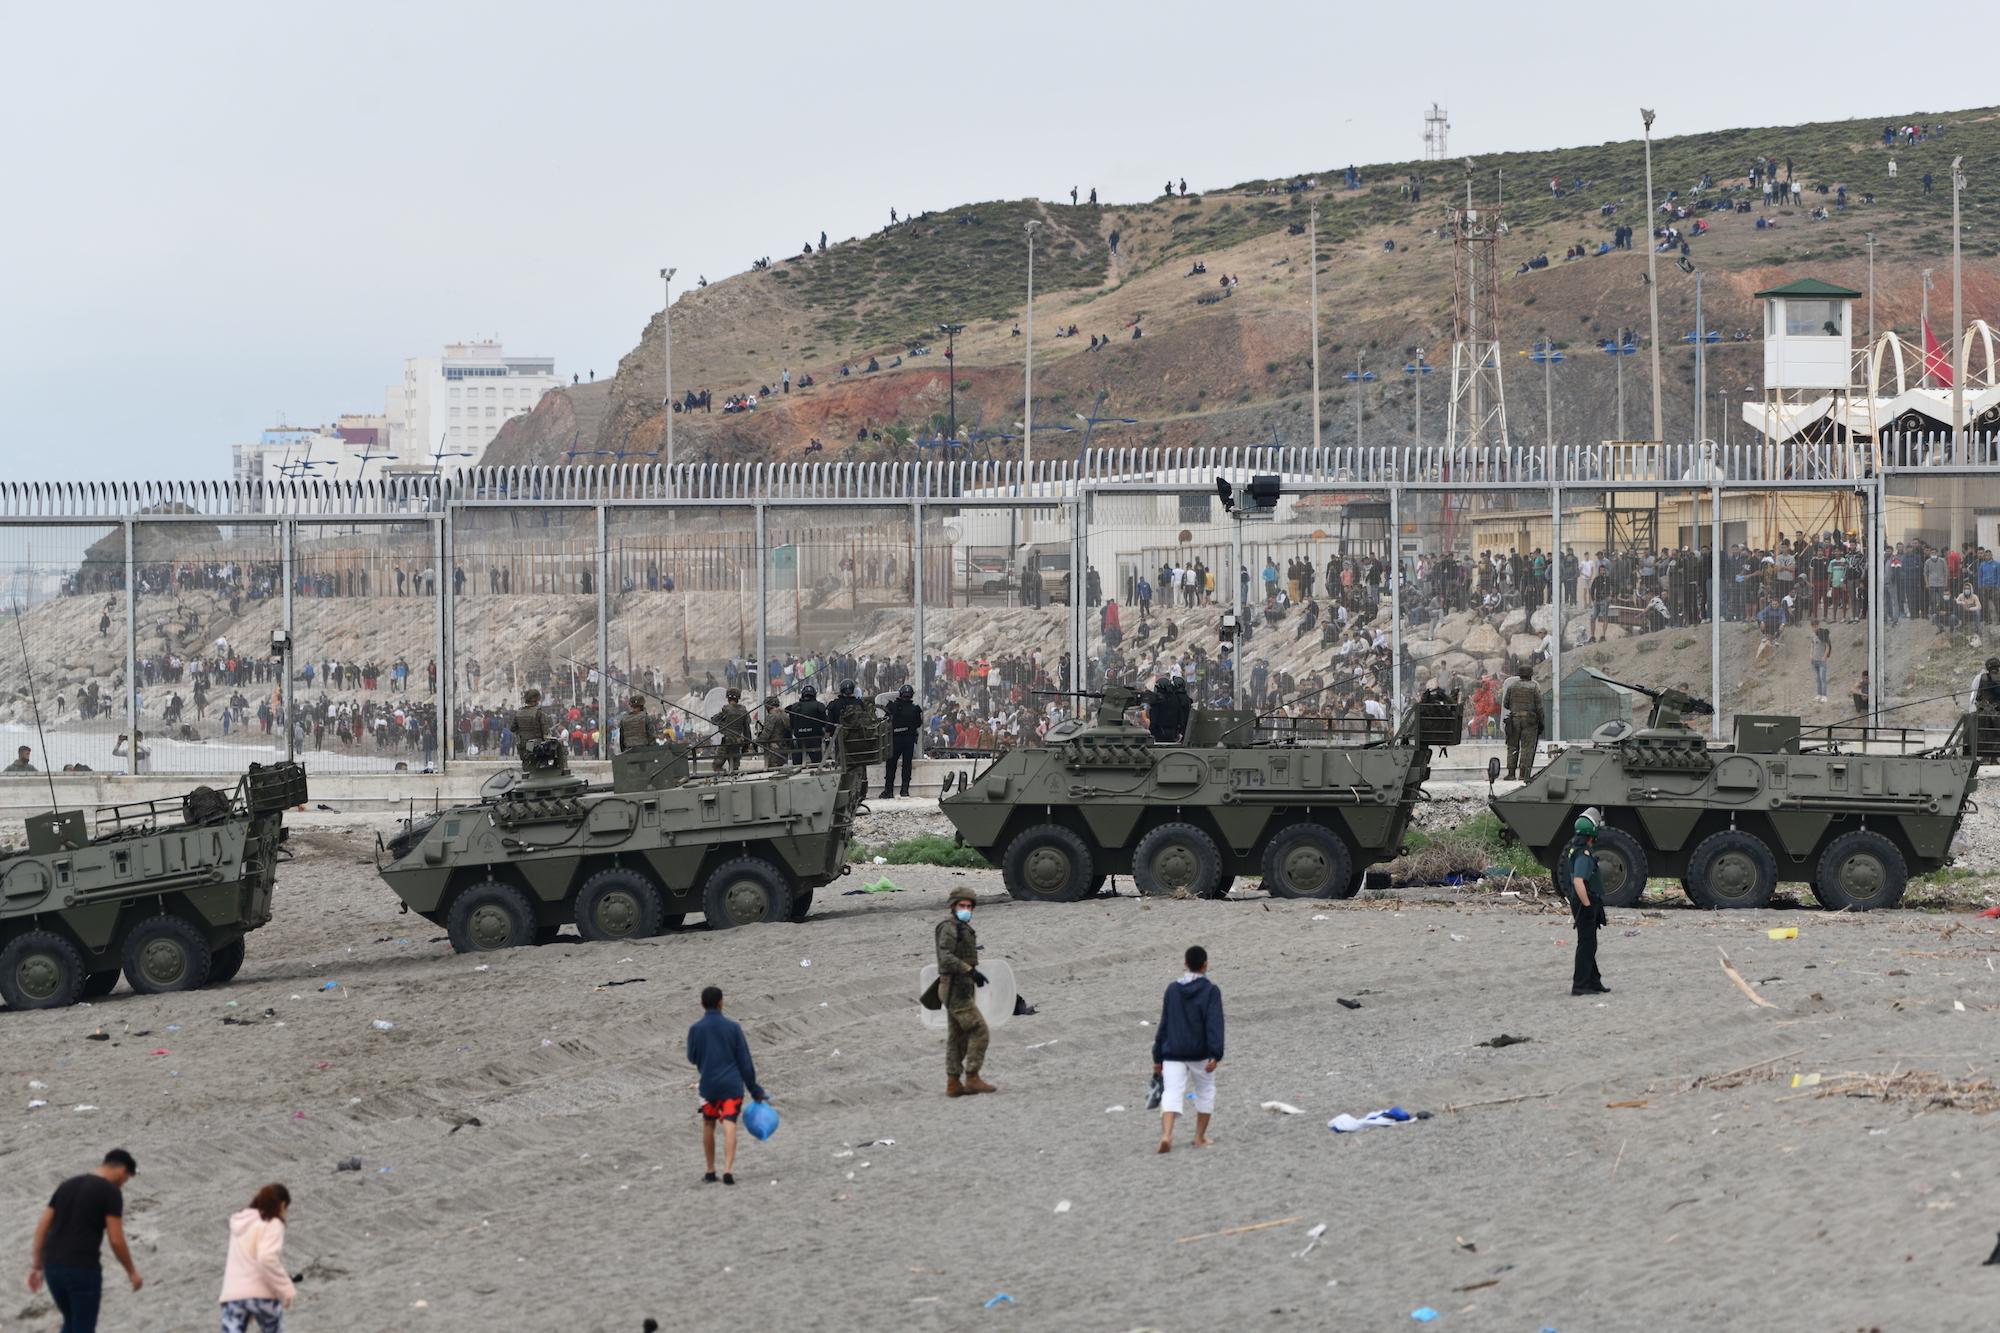 Tancs de l'exèrcit espanyol en les devolucions en calent dels migrants a Ceuta / Antonio Sempere / Europa Press